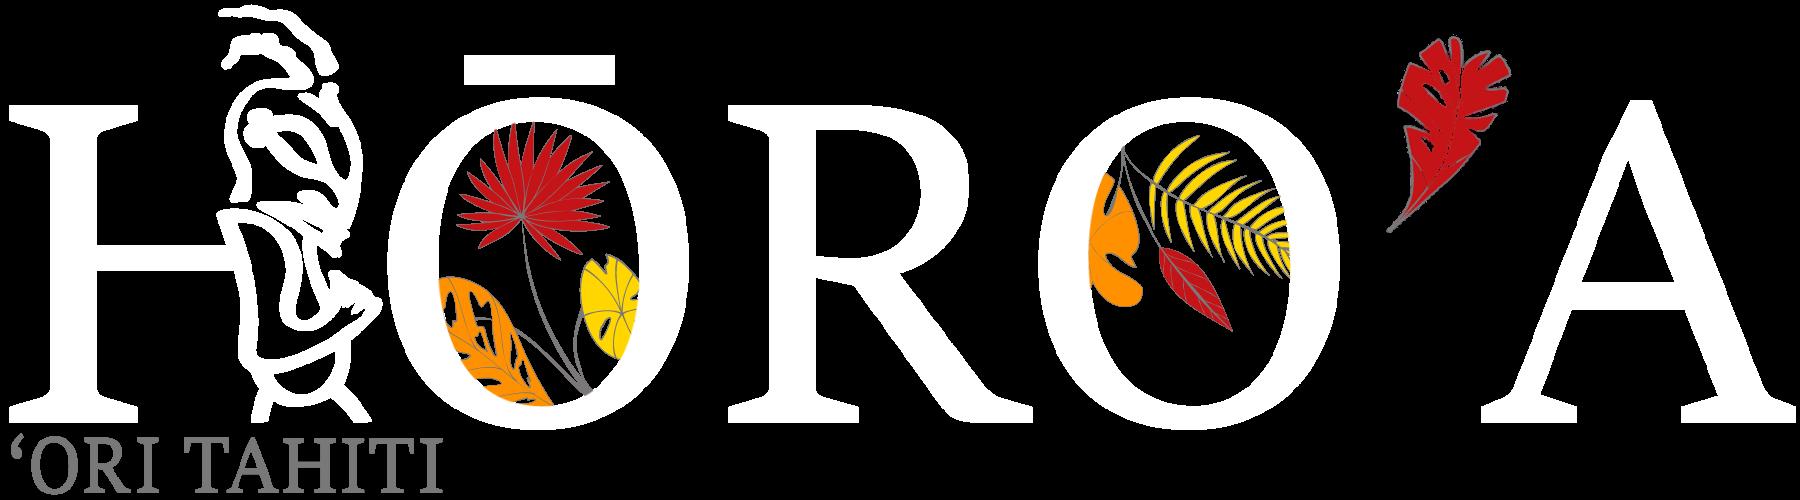 Hōro'a 'Ori Tahiti